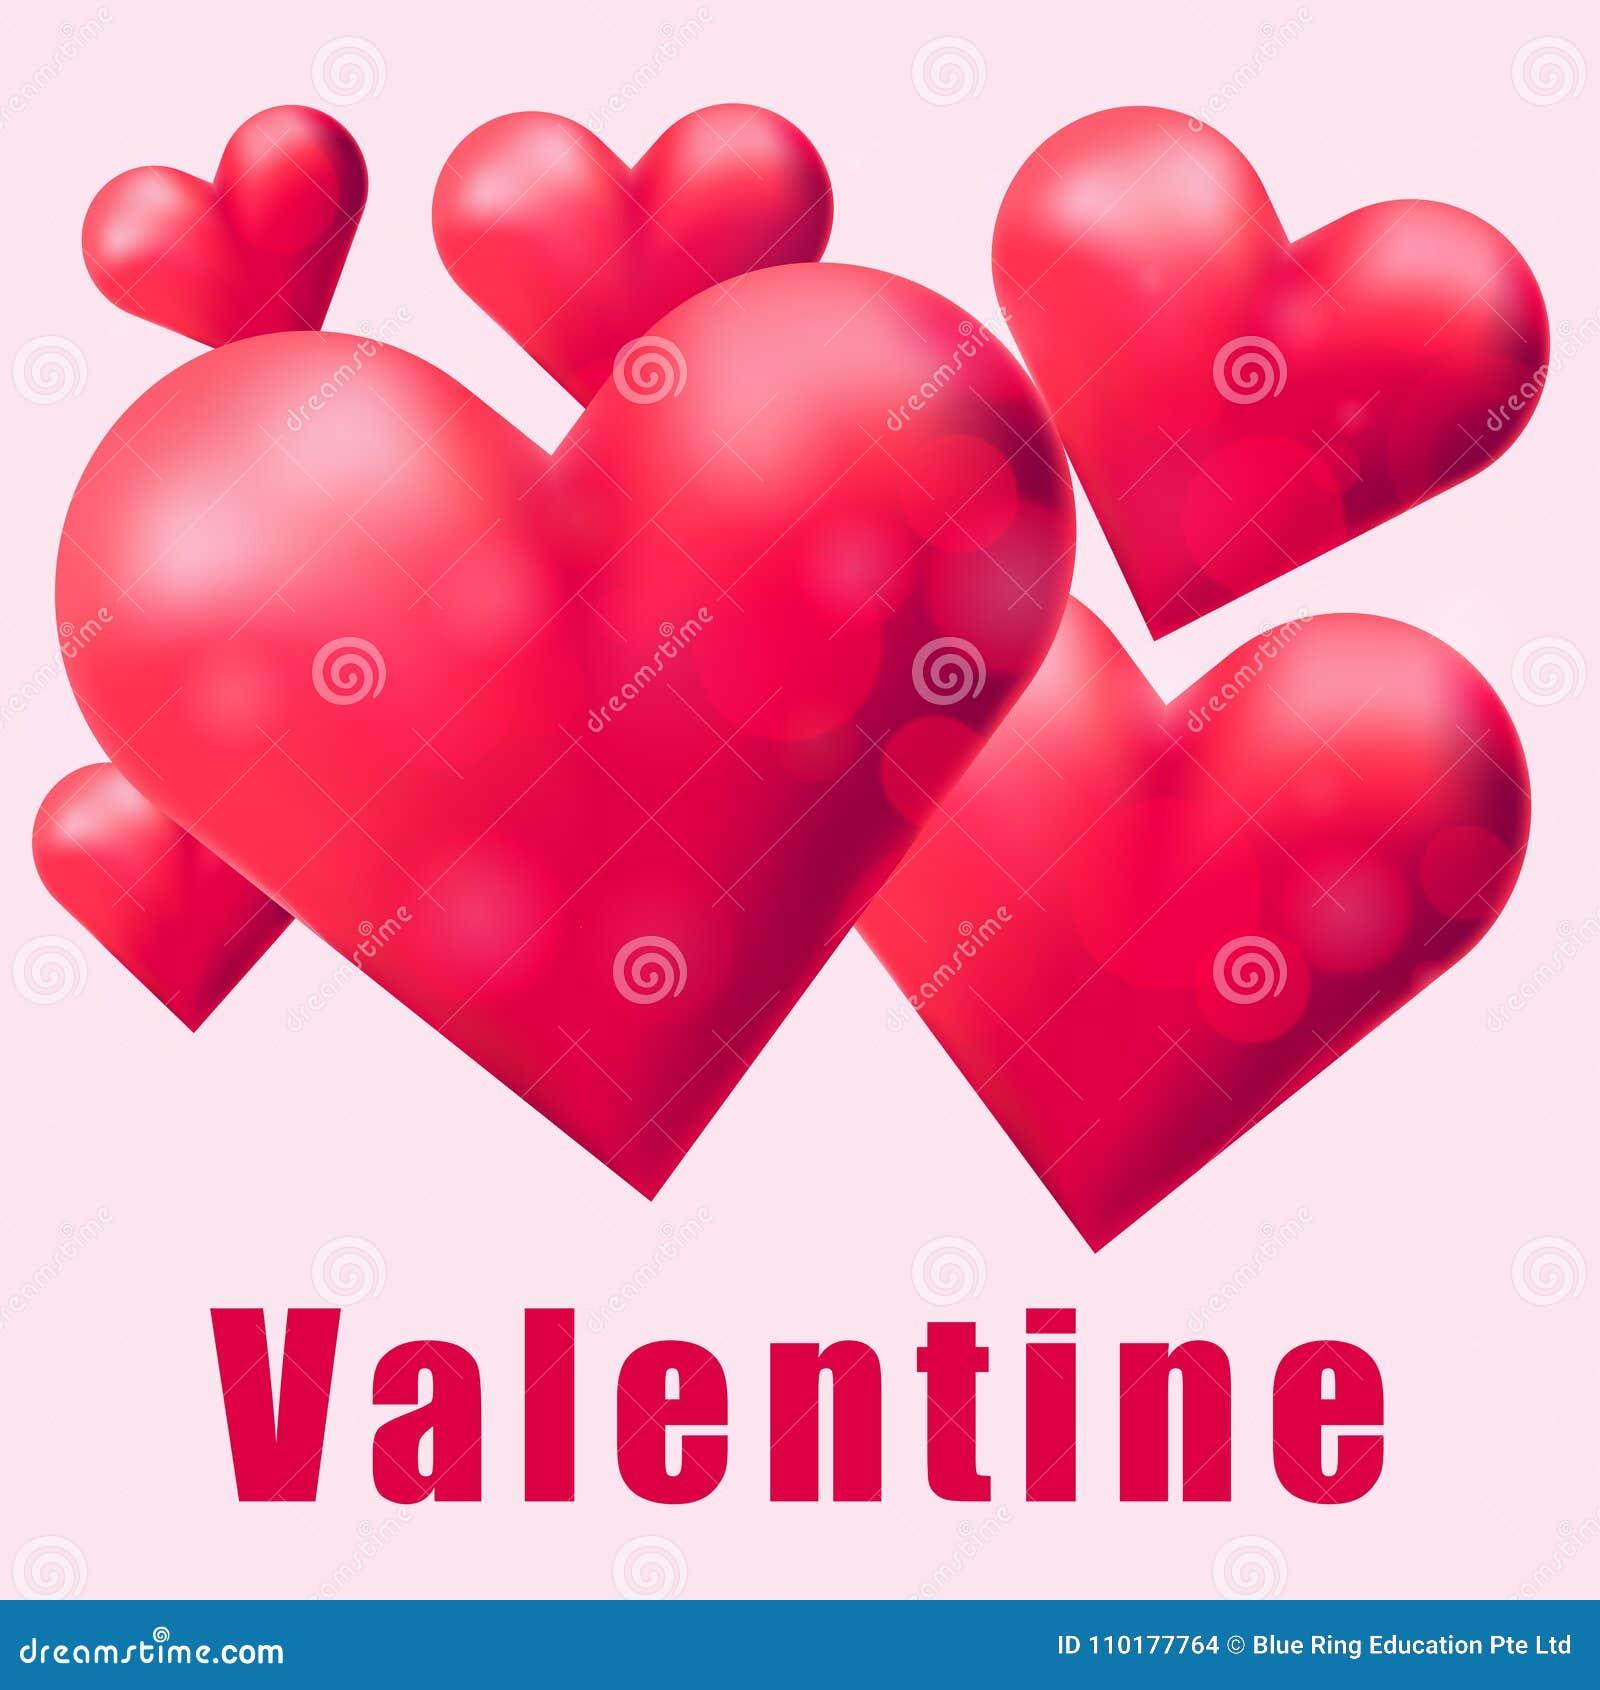 Niedlich Valentine Herz Malvorlagen Fotos - Druckbare Malvorlagen ...